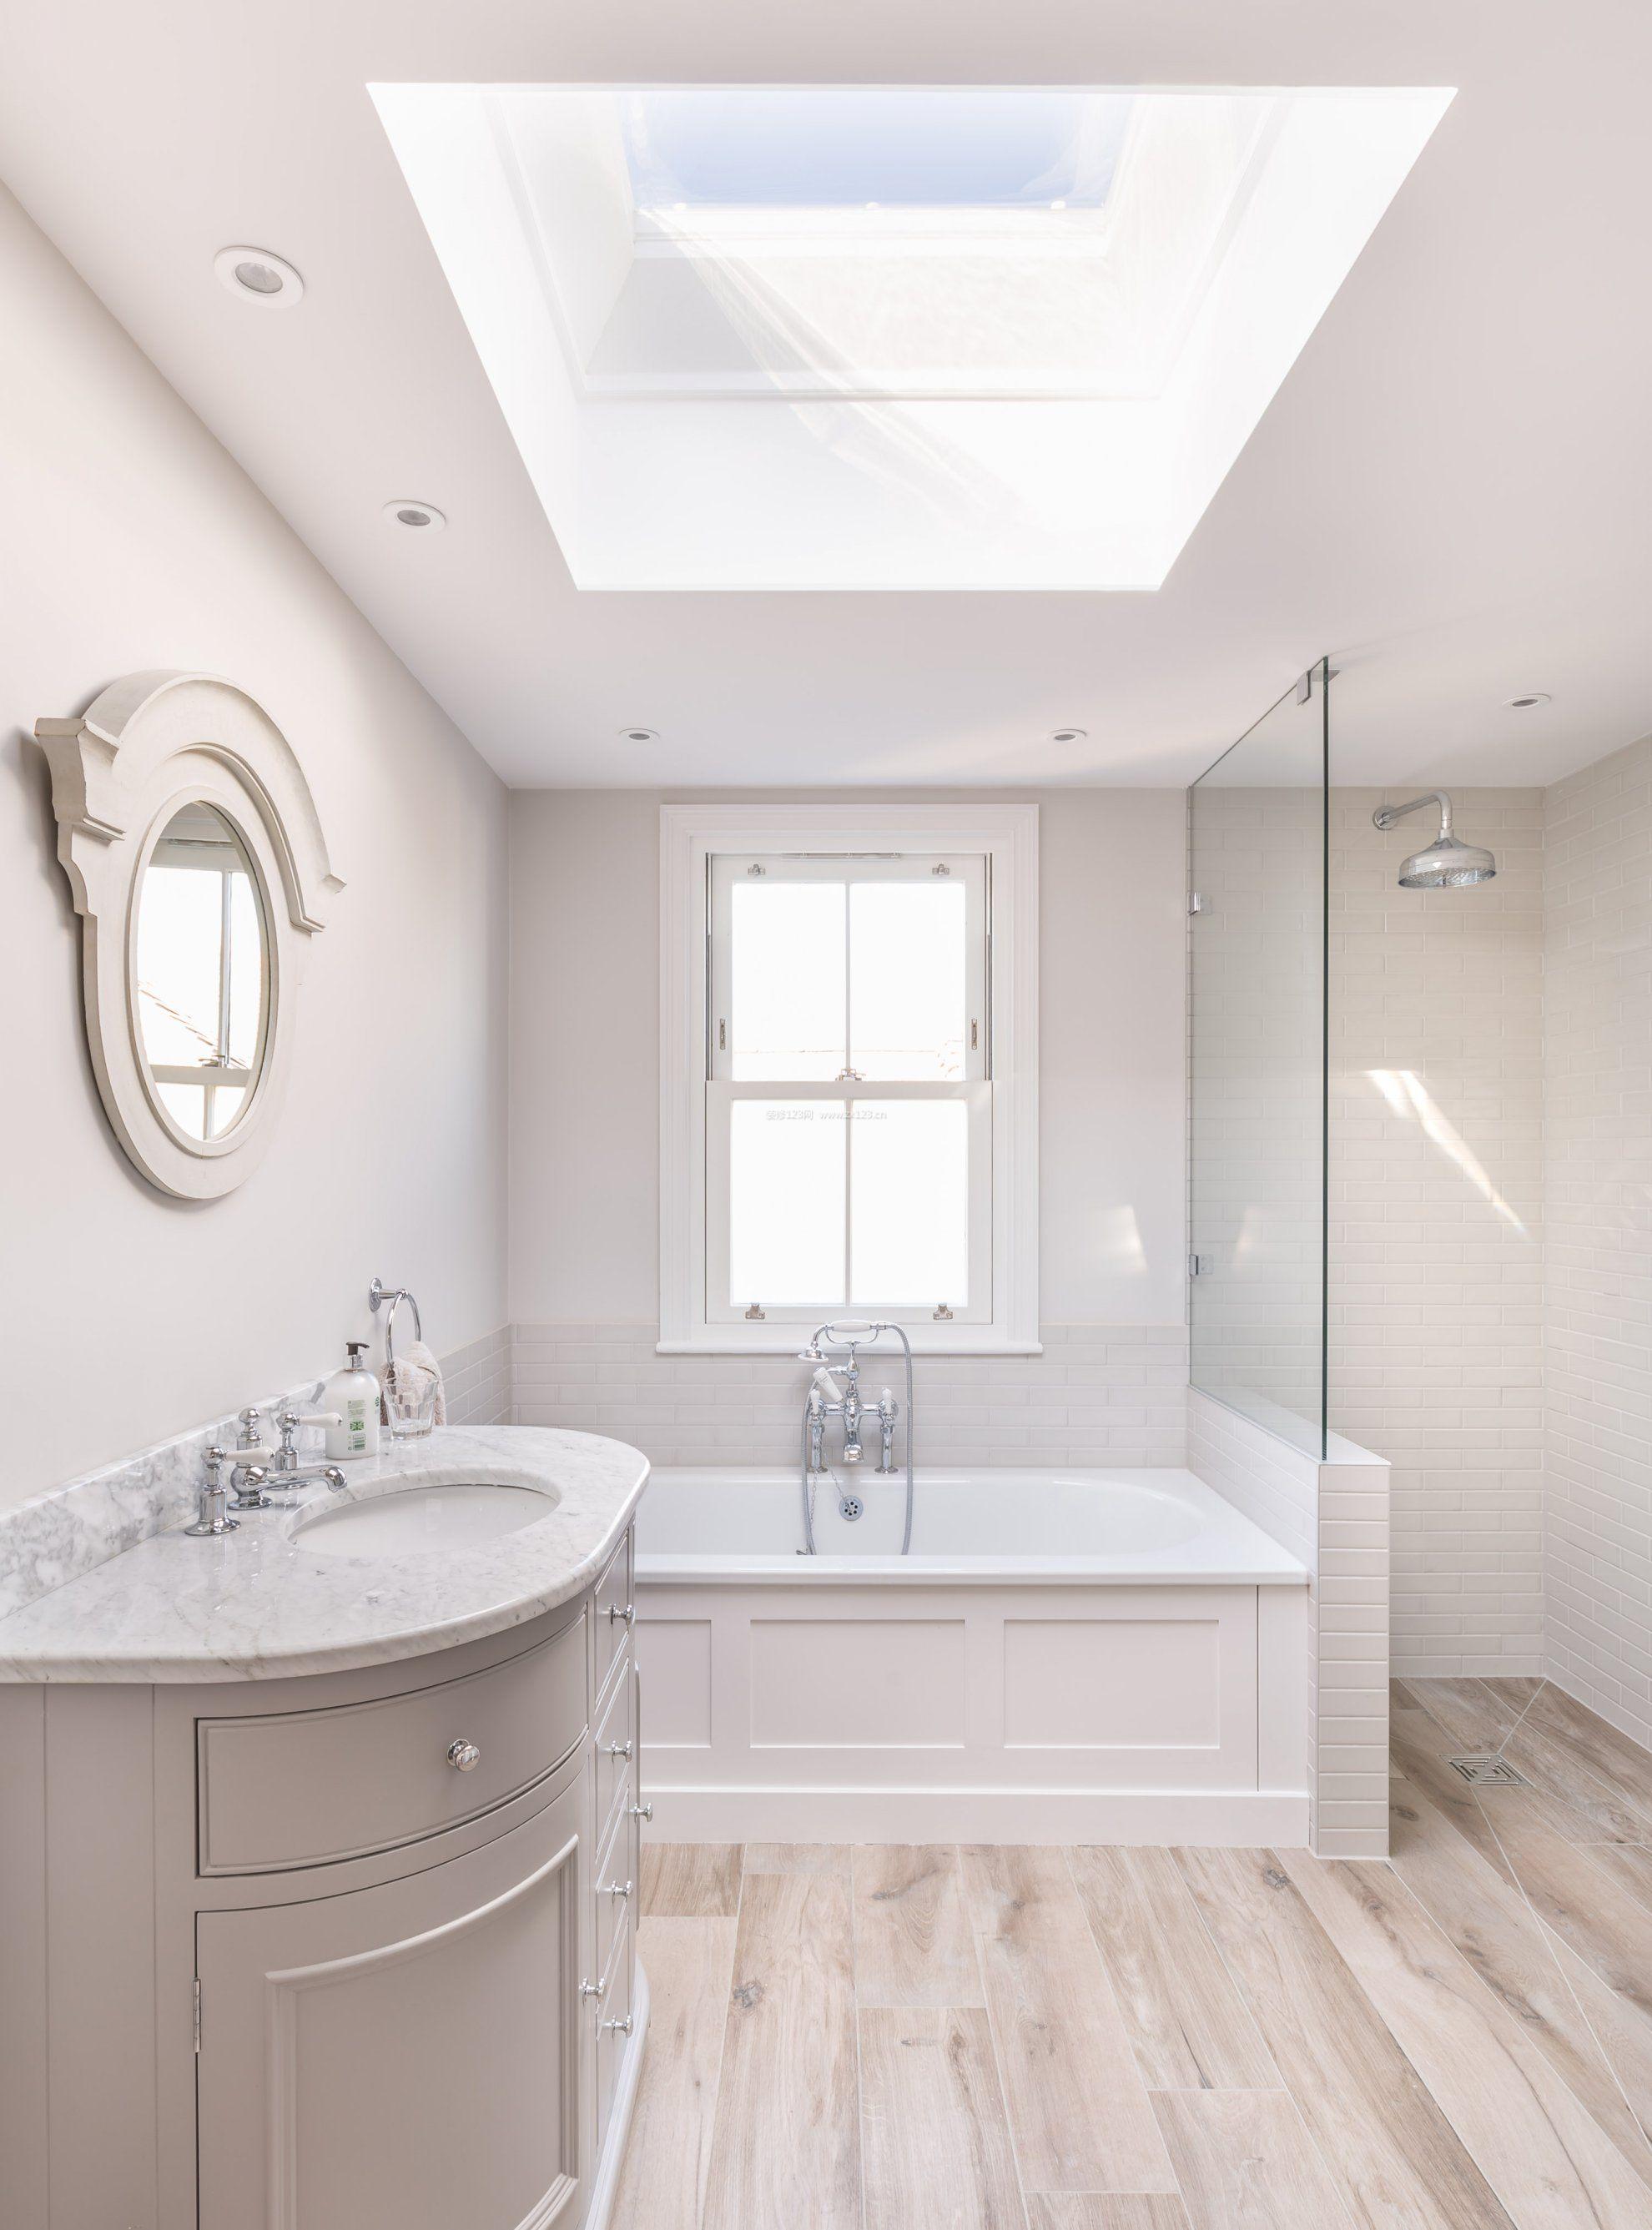 小卫生间淋浴房天花板装修吊顶效果图片2017